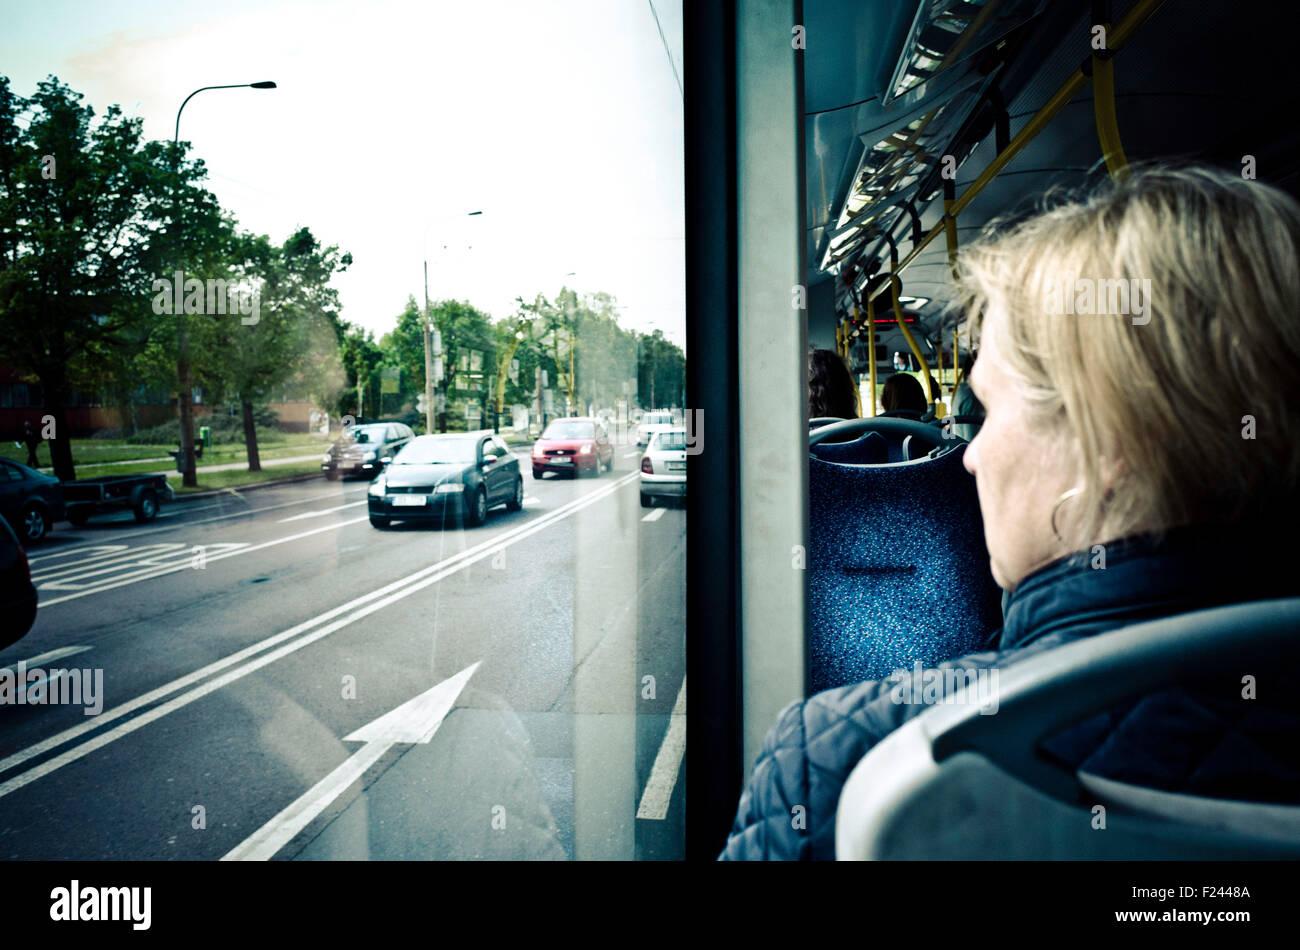 Femme en ville à la recherche de bus par la fenêtre sur des voitures sur la route Photo Stock